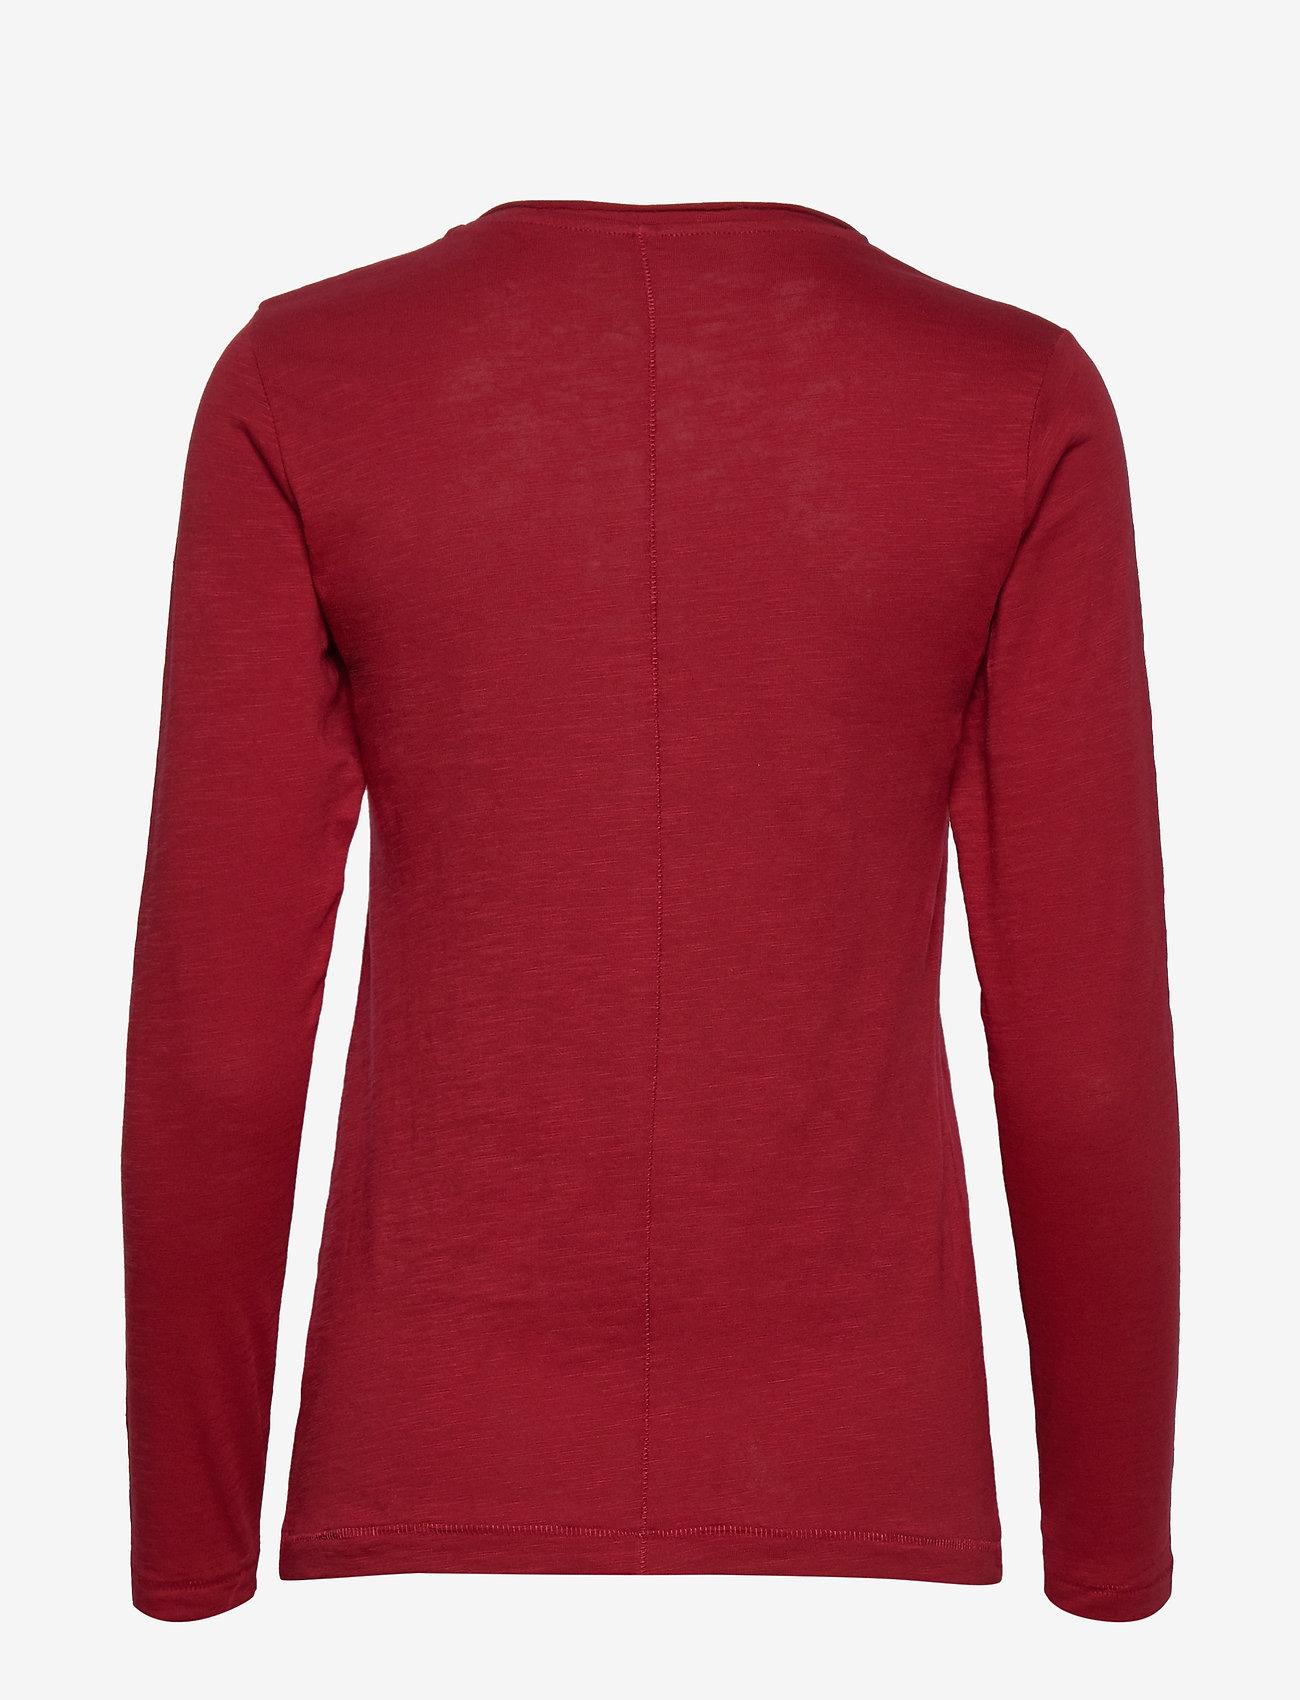 Soyaconcept - SC-BABETTE - t-shirts basiques - cabernet